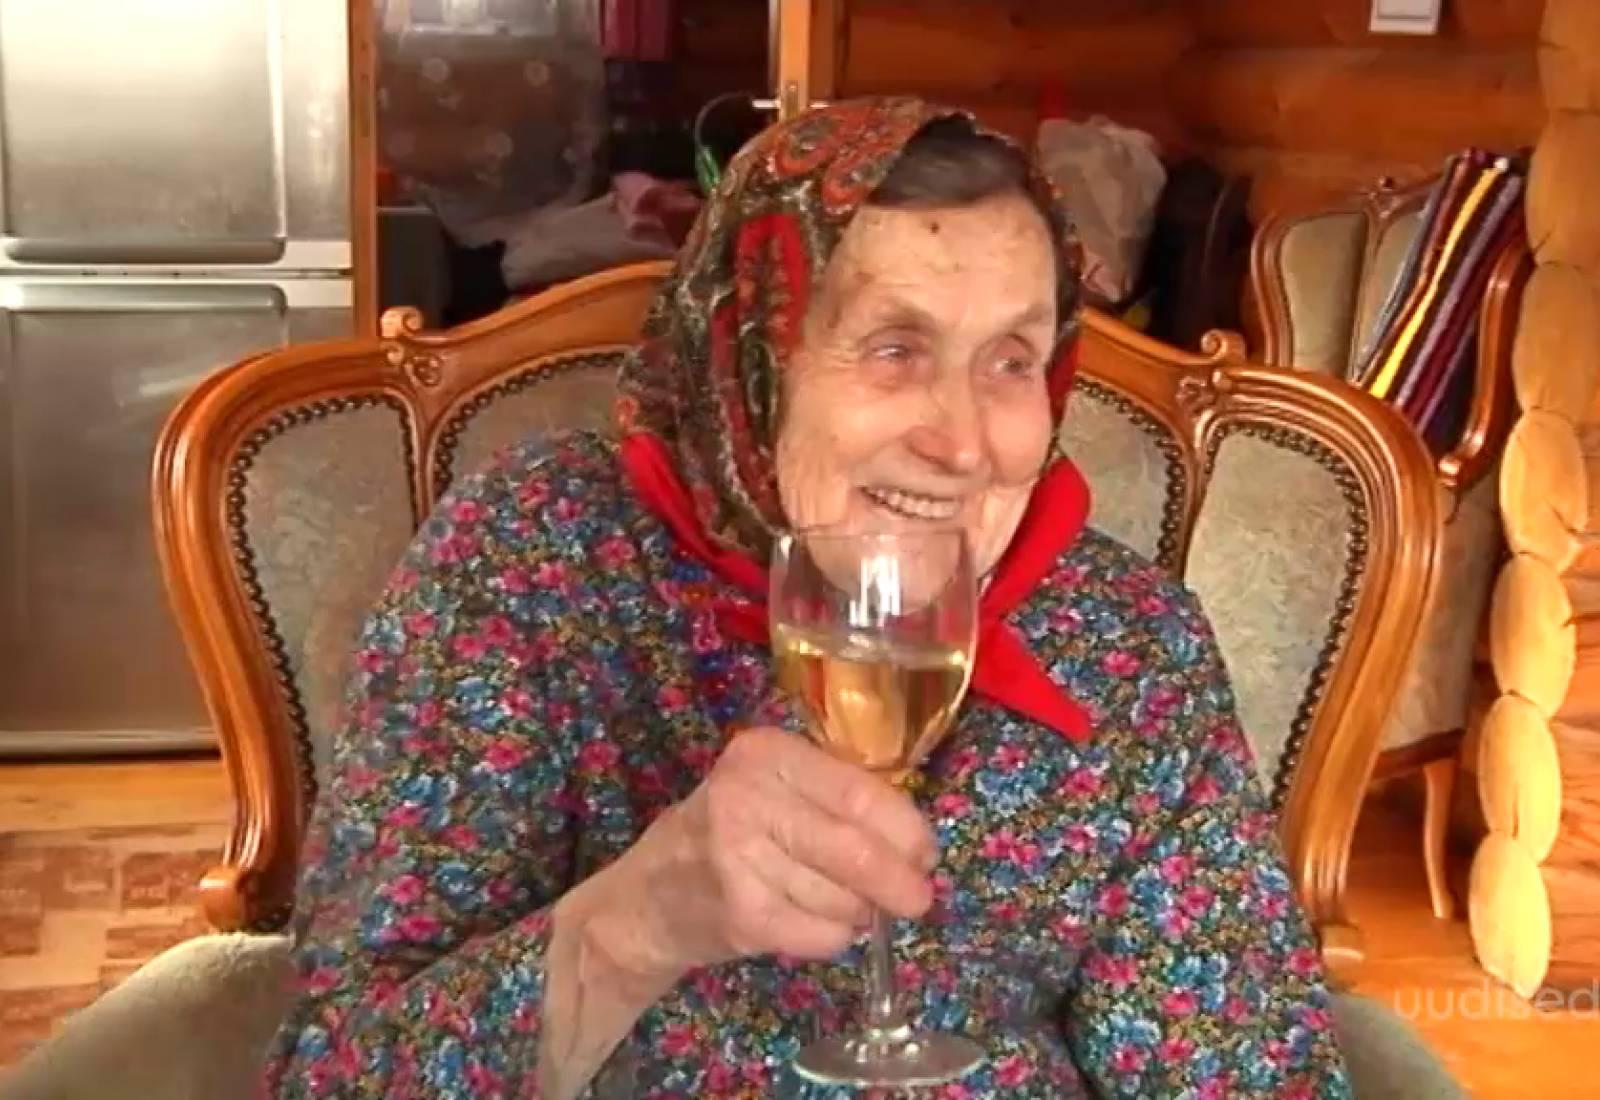 VIDEO! Riigikogu valimised! Kihnu Virve hääletamisest: südame järgi tegin!